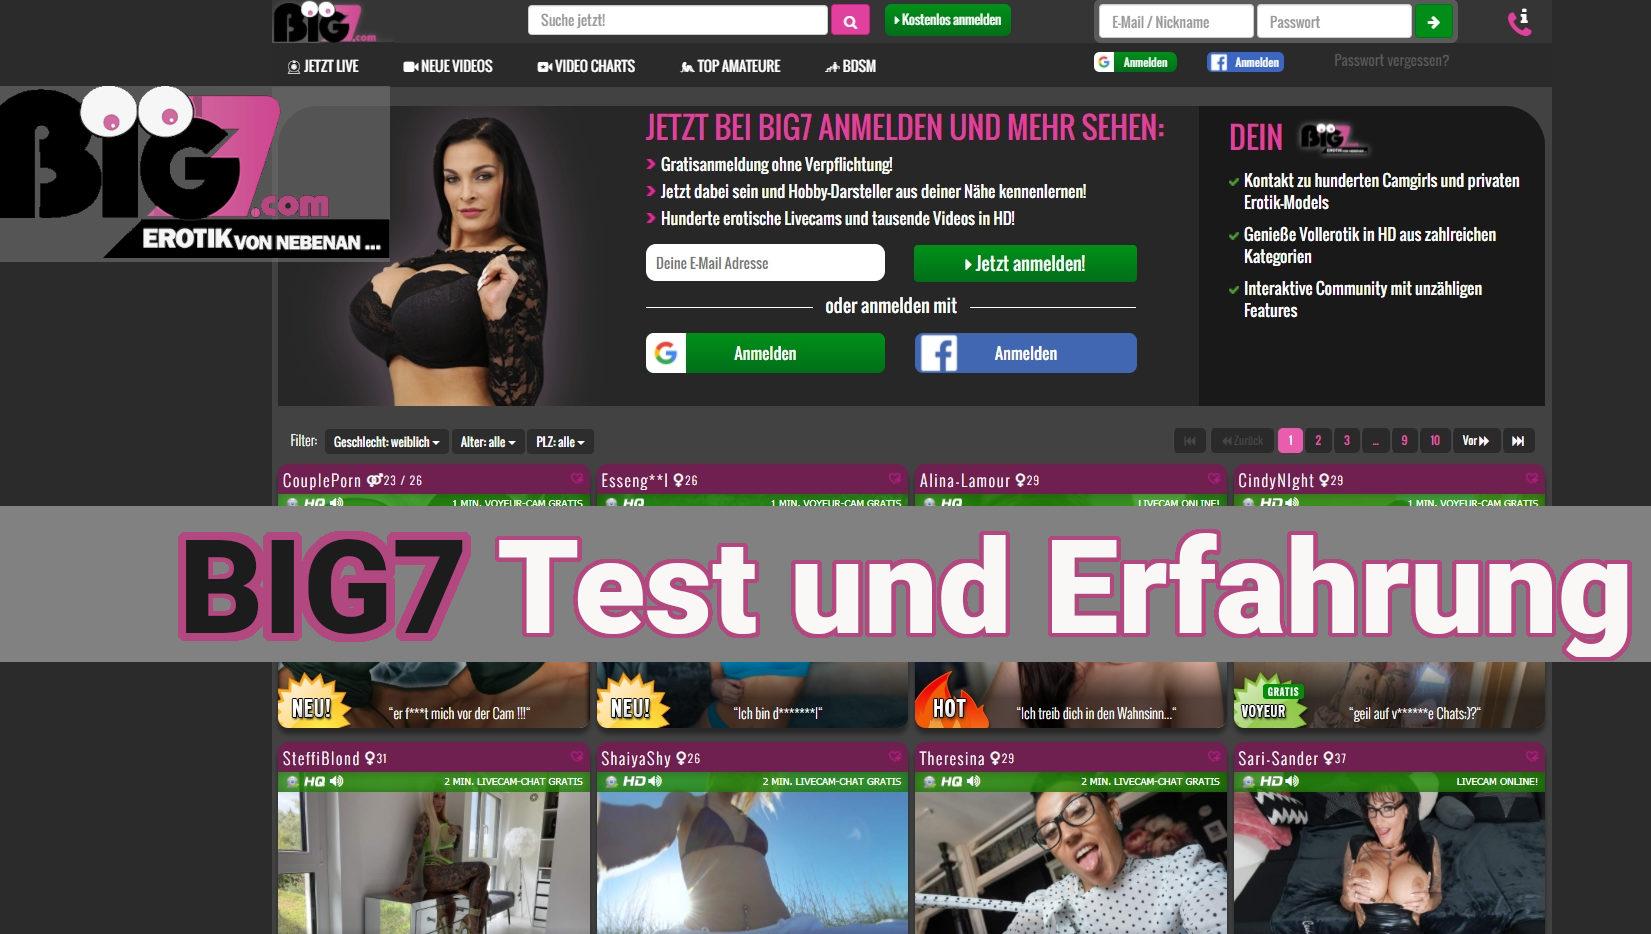 Big7.com Test und Erfahrungen